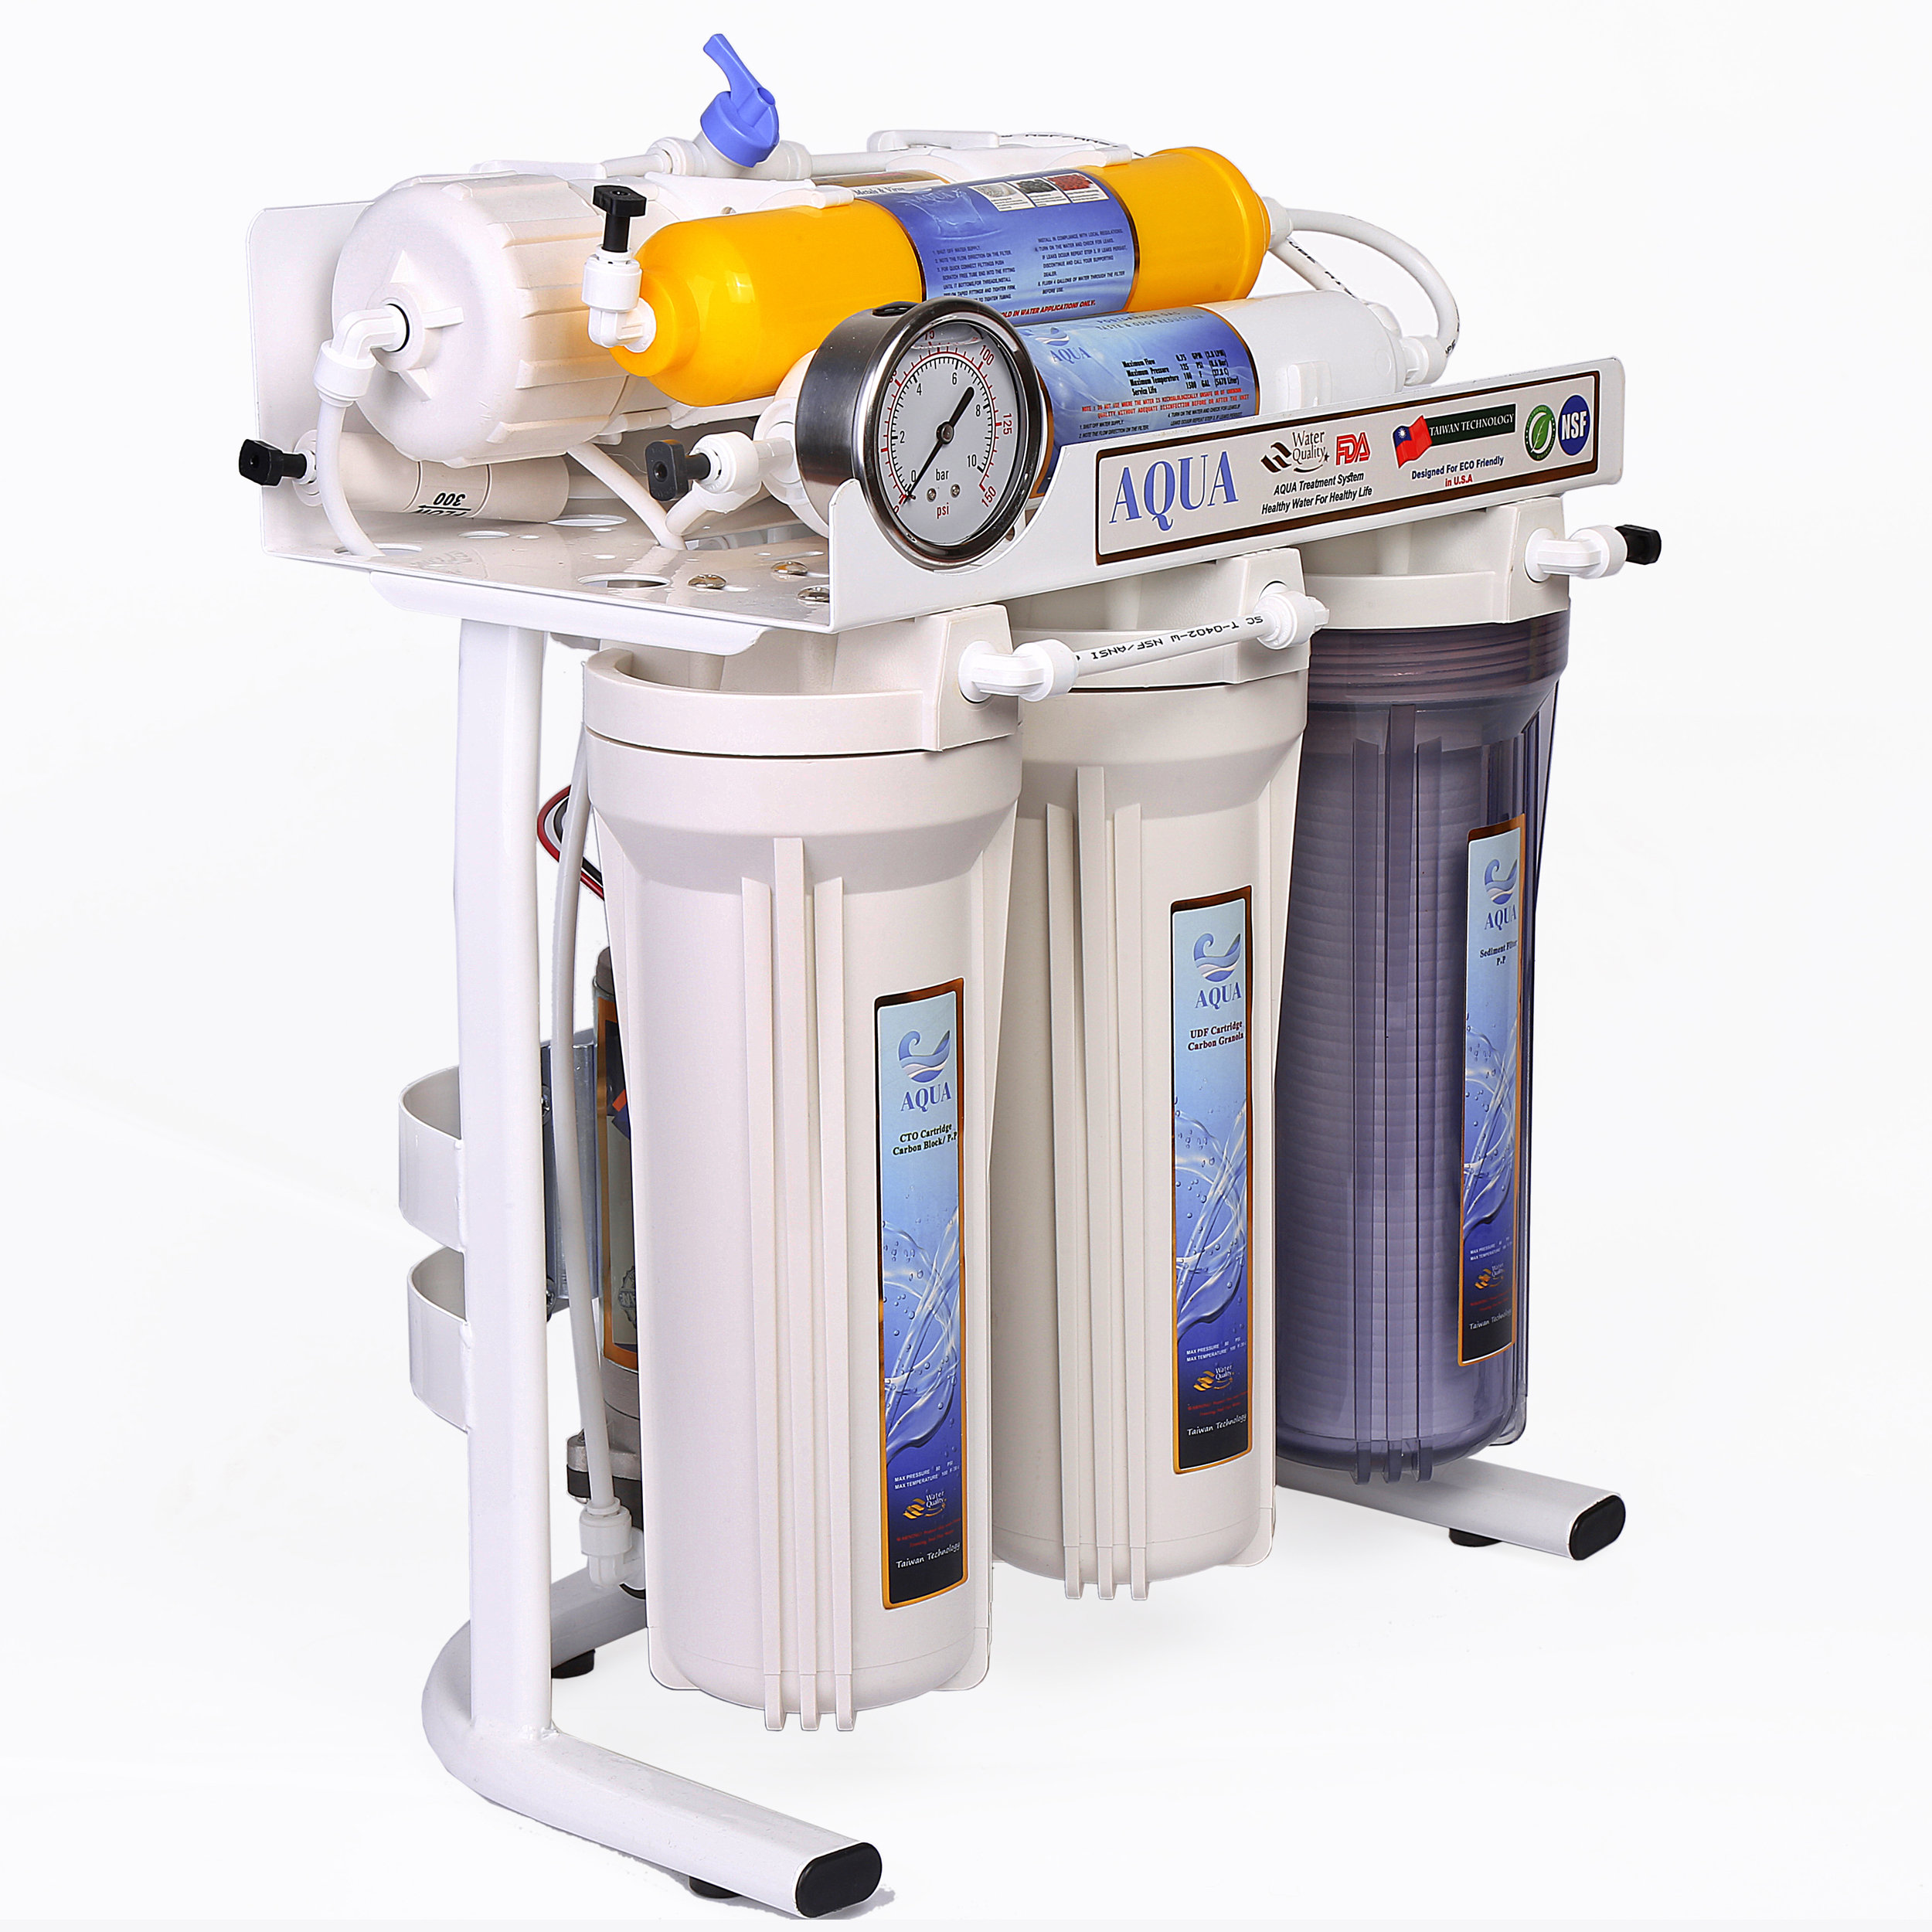 دستگاه تصفیه کننده آب آکوا مدل AQUA JOY WATER Ro6